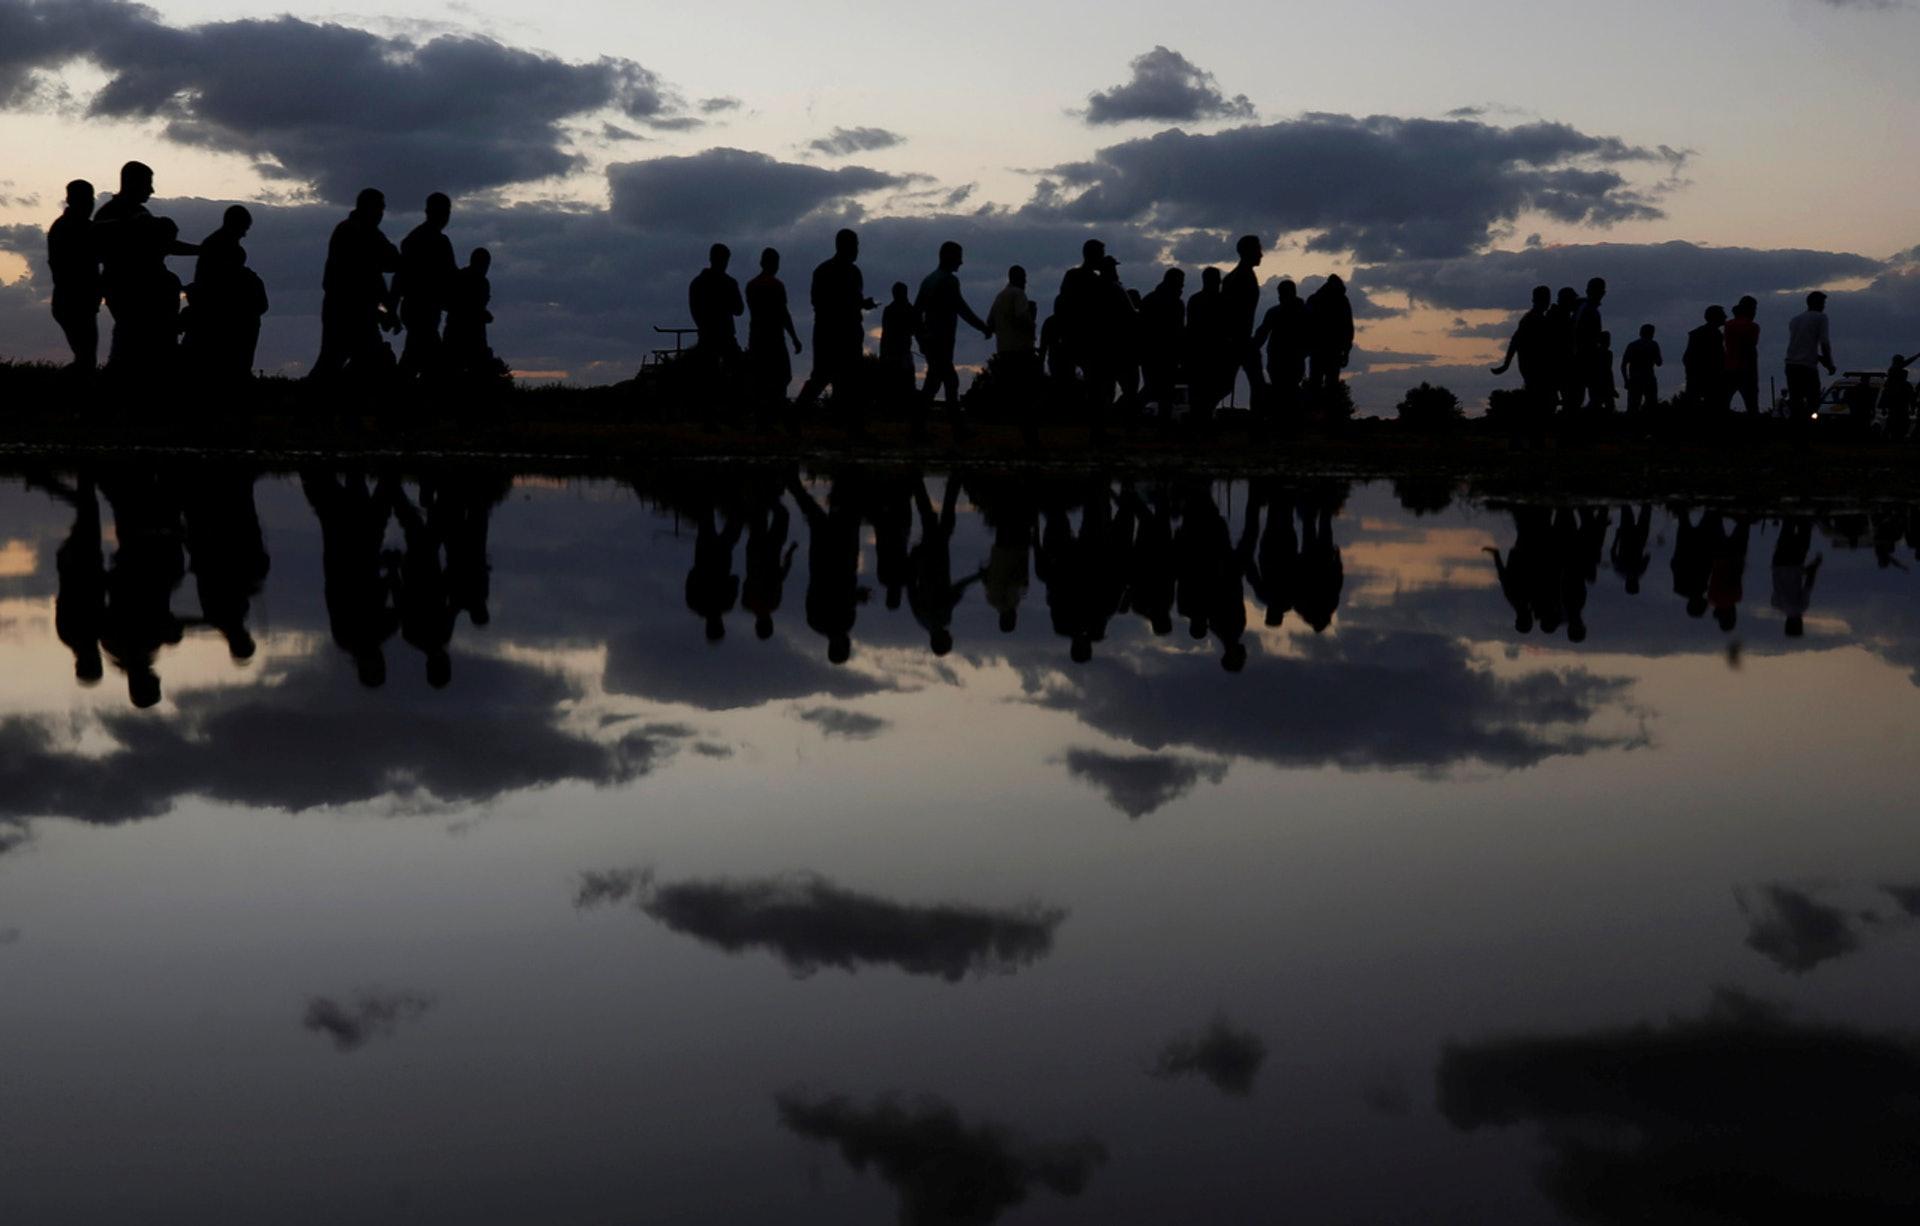 10月26日,雨後,地上積水反映出巴勒斯坦示威者的身影。(Mohammed Salem/路透社)